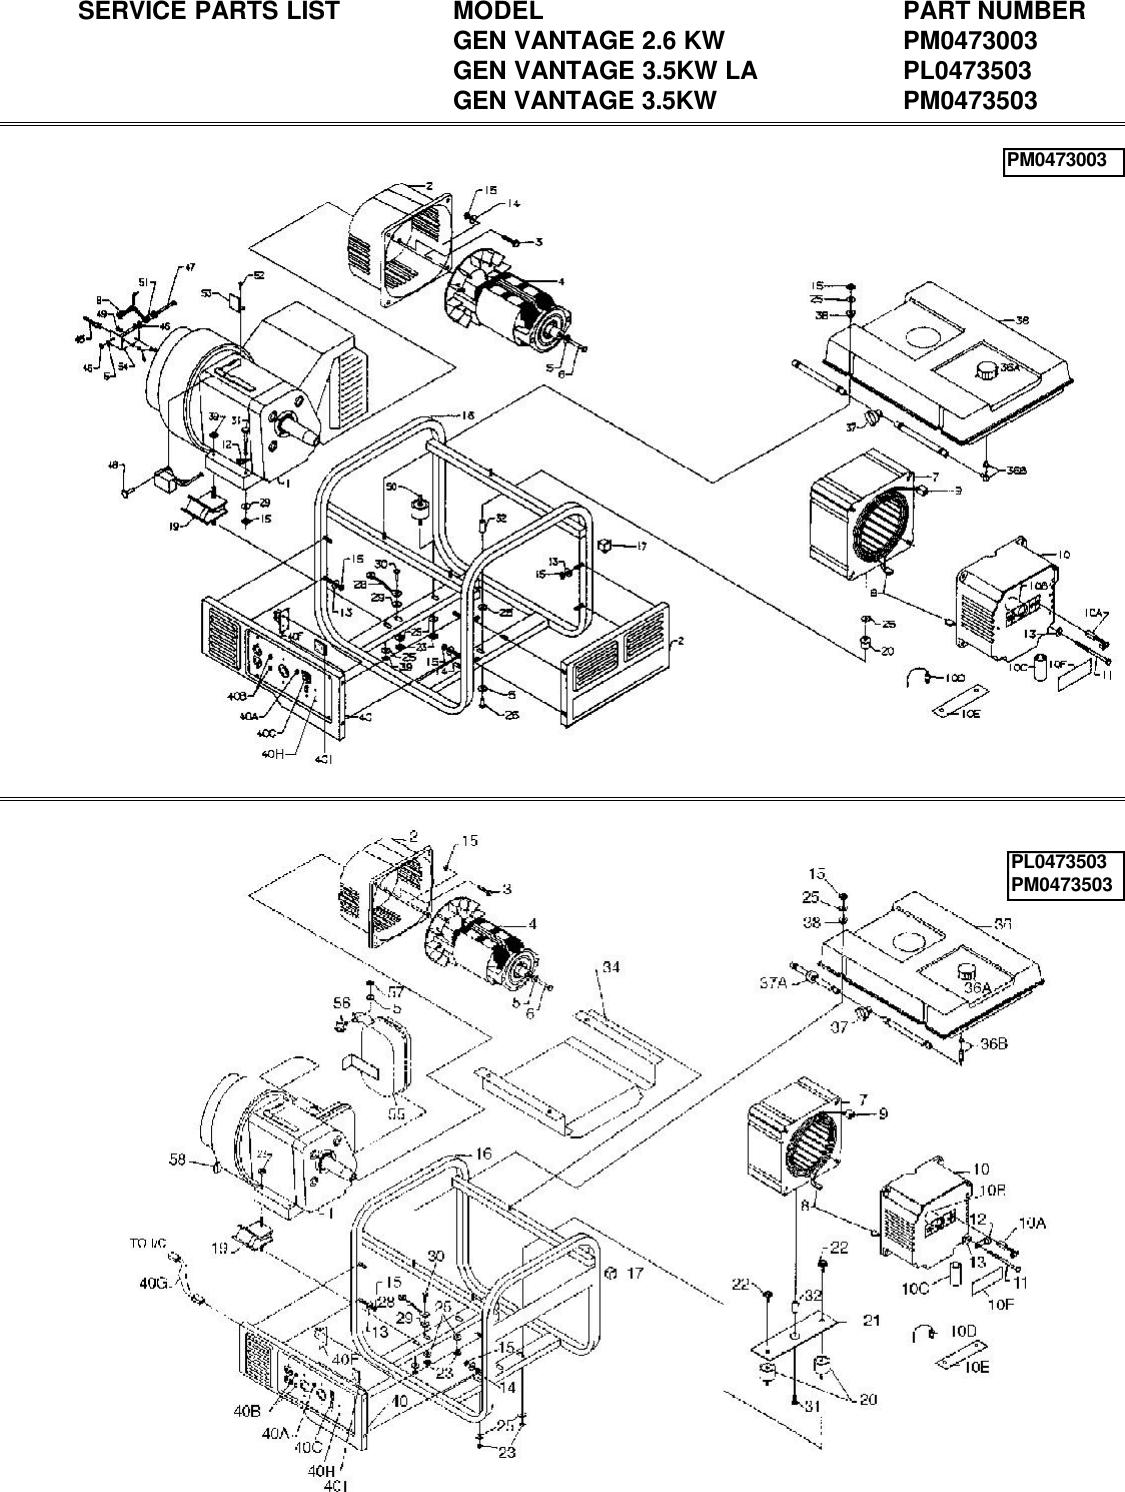 Powermate Pl0473503 Parts List PM0473003 3503 DIAGRAM on